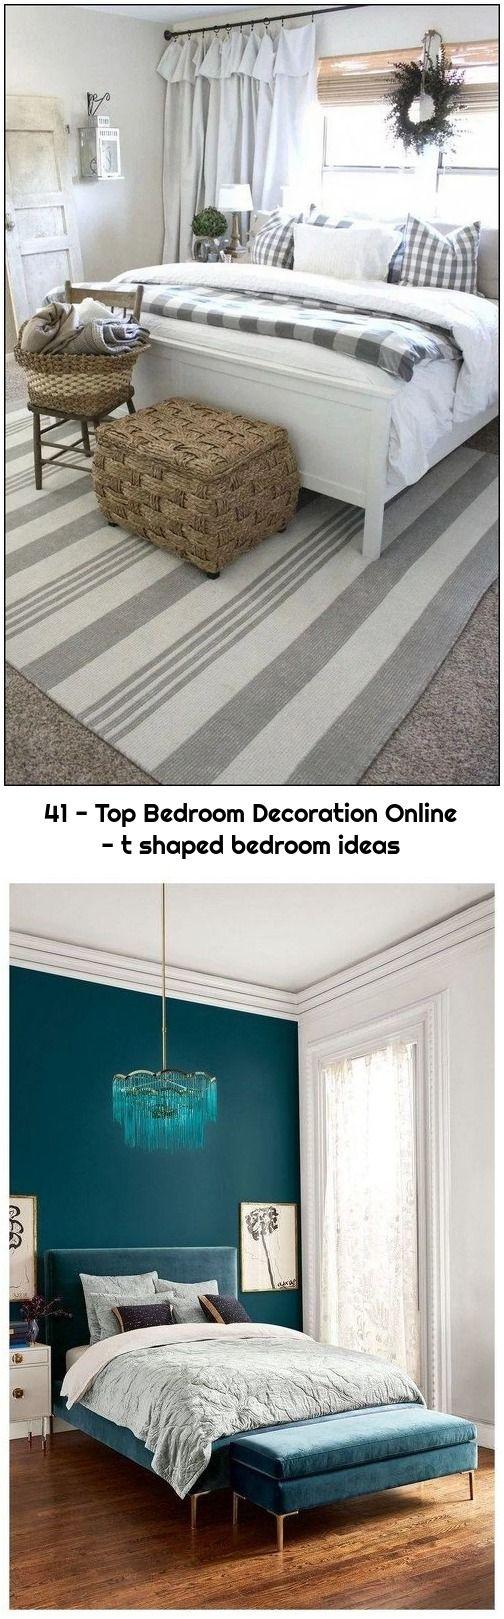 41 Top Bedroom Decoration Online T Shaped Bedroom Ideas Bedroom Decor Grey Bedroom Design Bohemian Bedroom Design